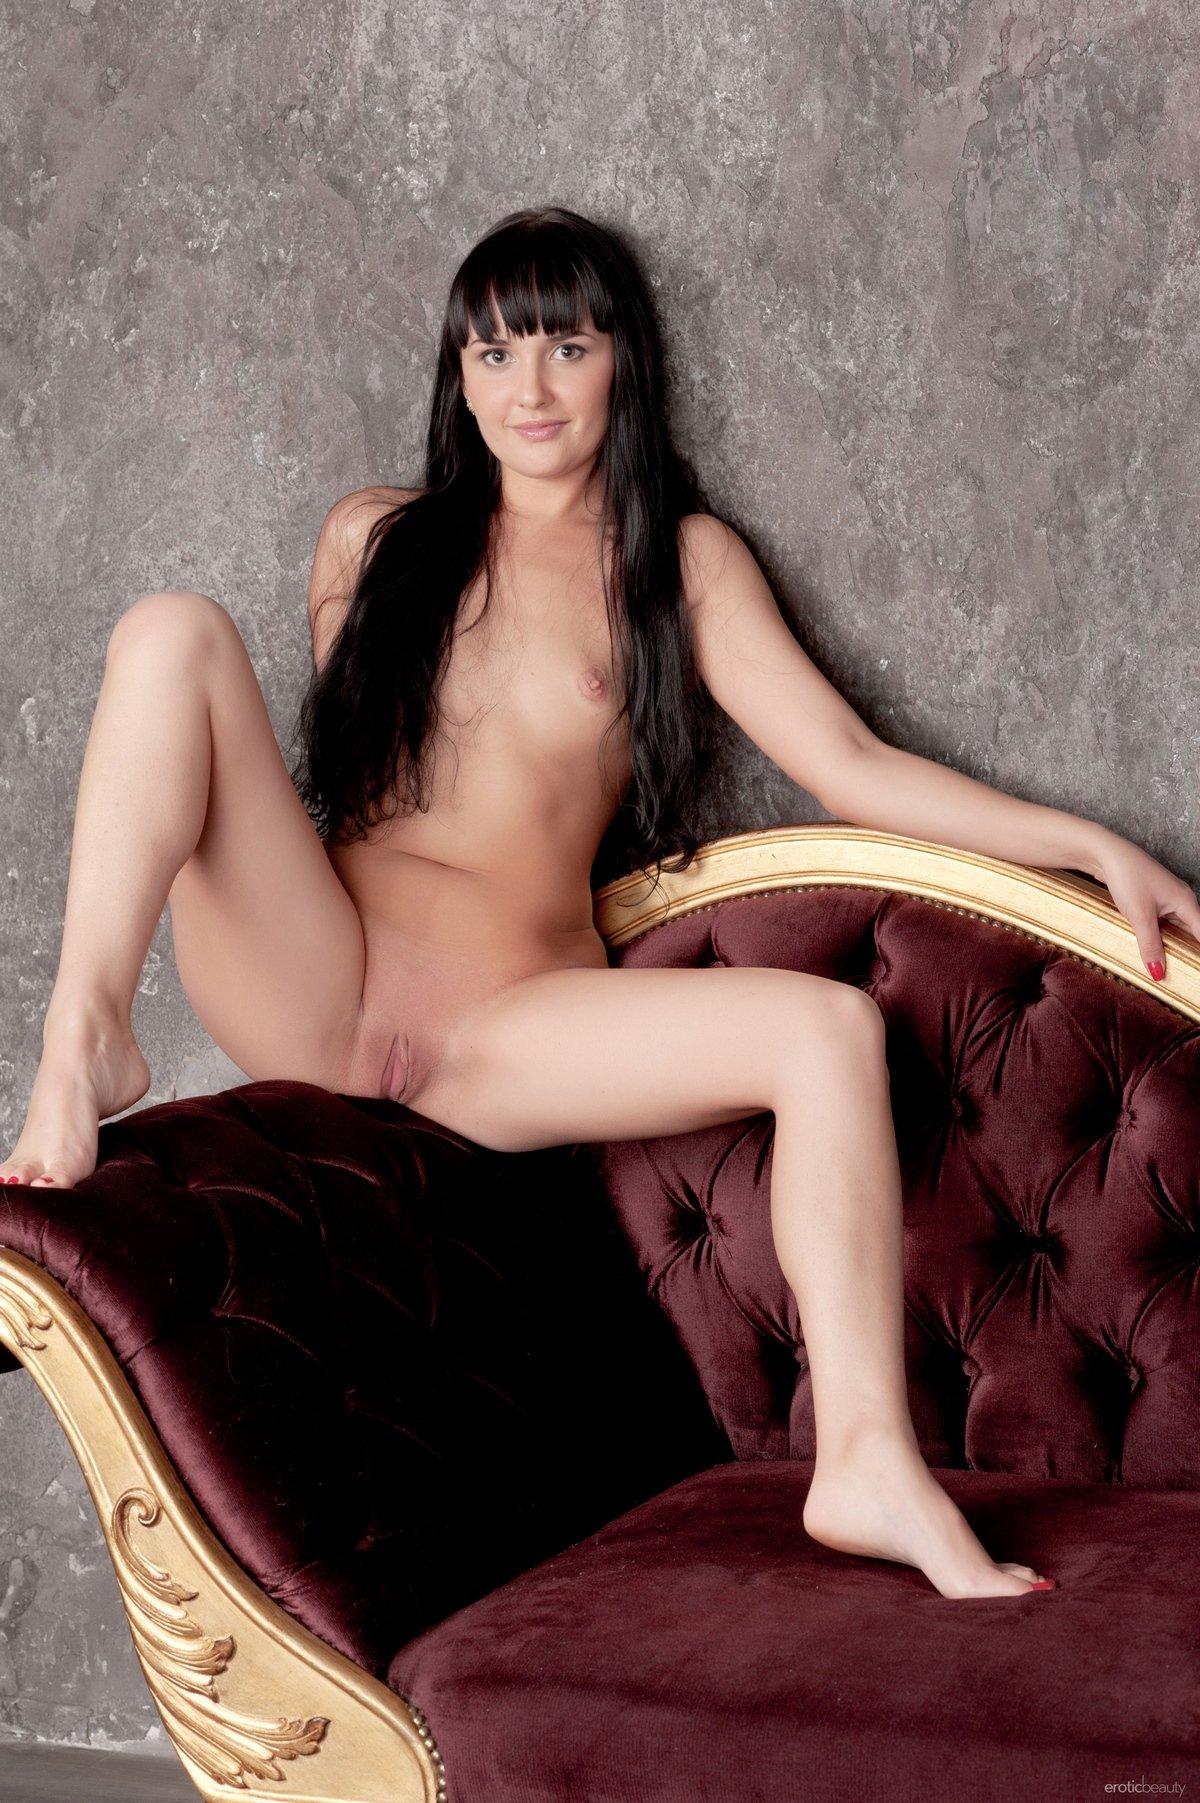 Красавица с длинными черными волосами и маленькой грудью